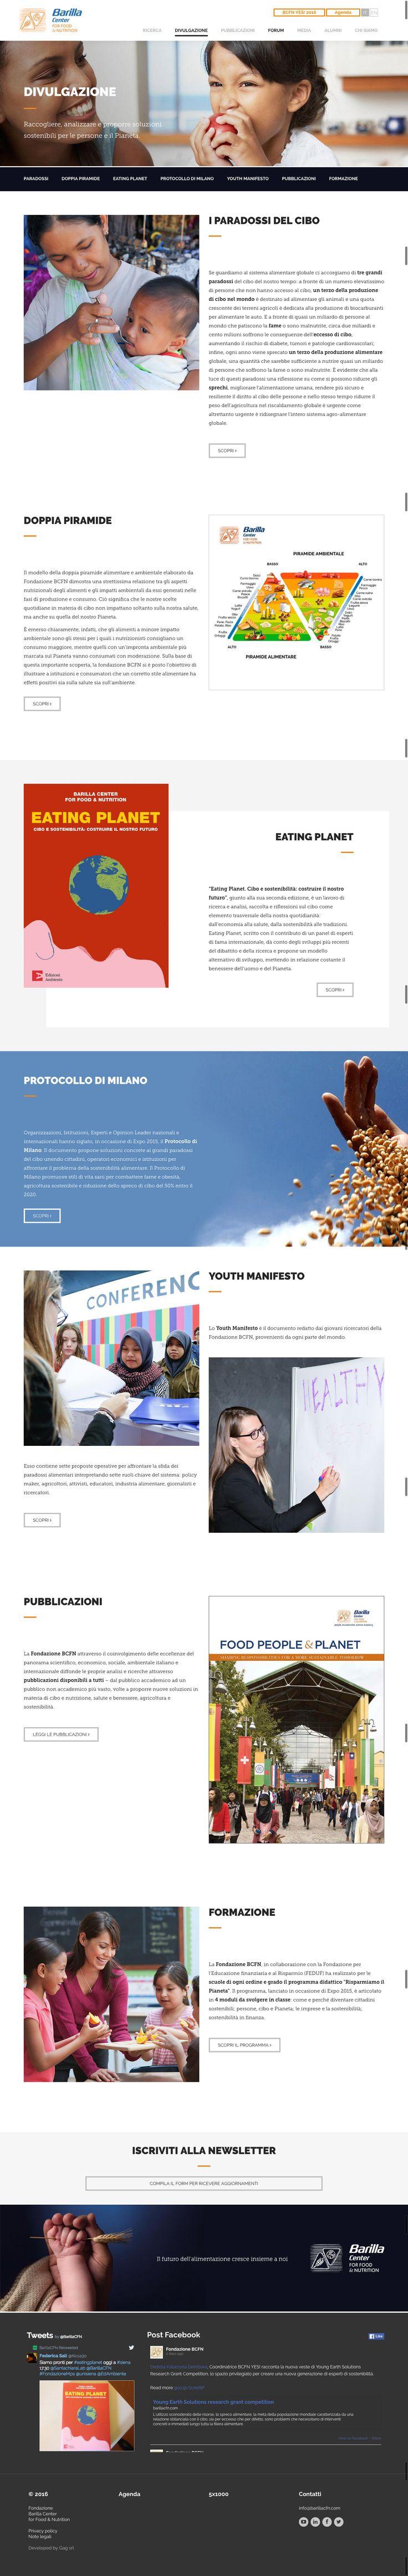 Fondazione BCFN Sito web, magazine e piano social per una strategia di divulgazione e coinvolgimento, sui temi dell'alimentazione sostenibile.